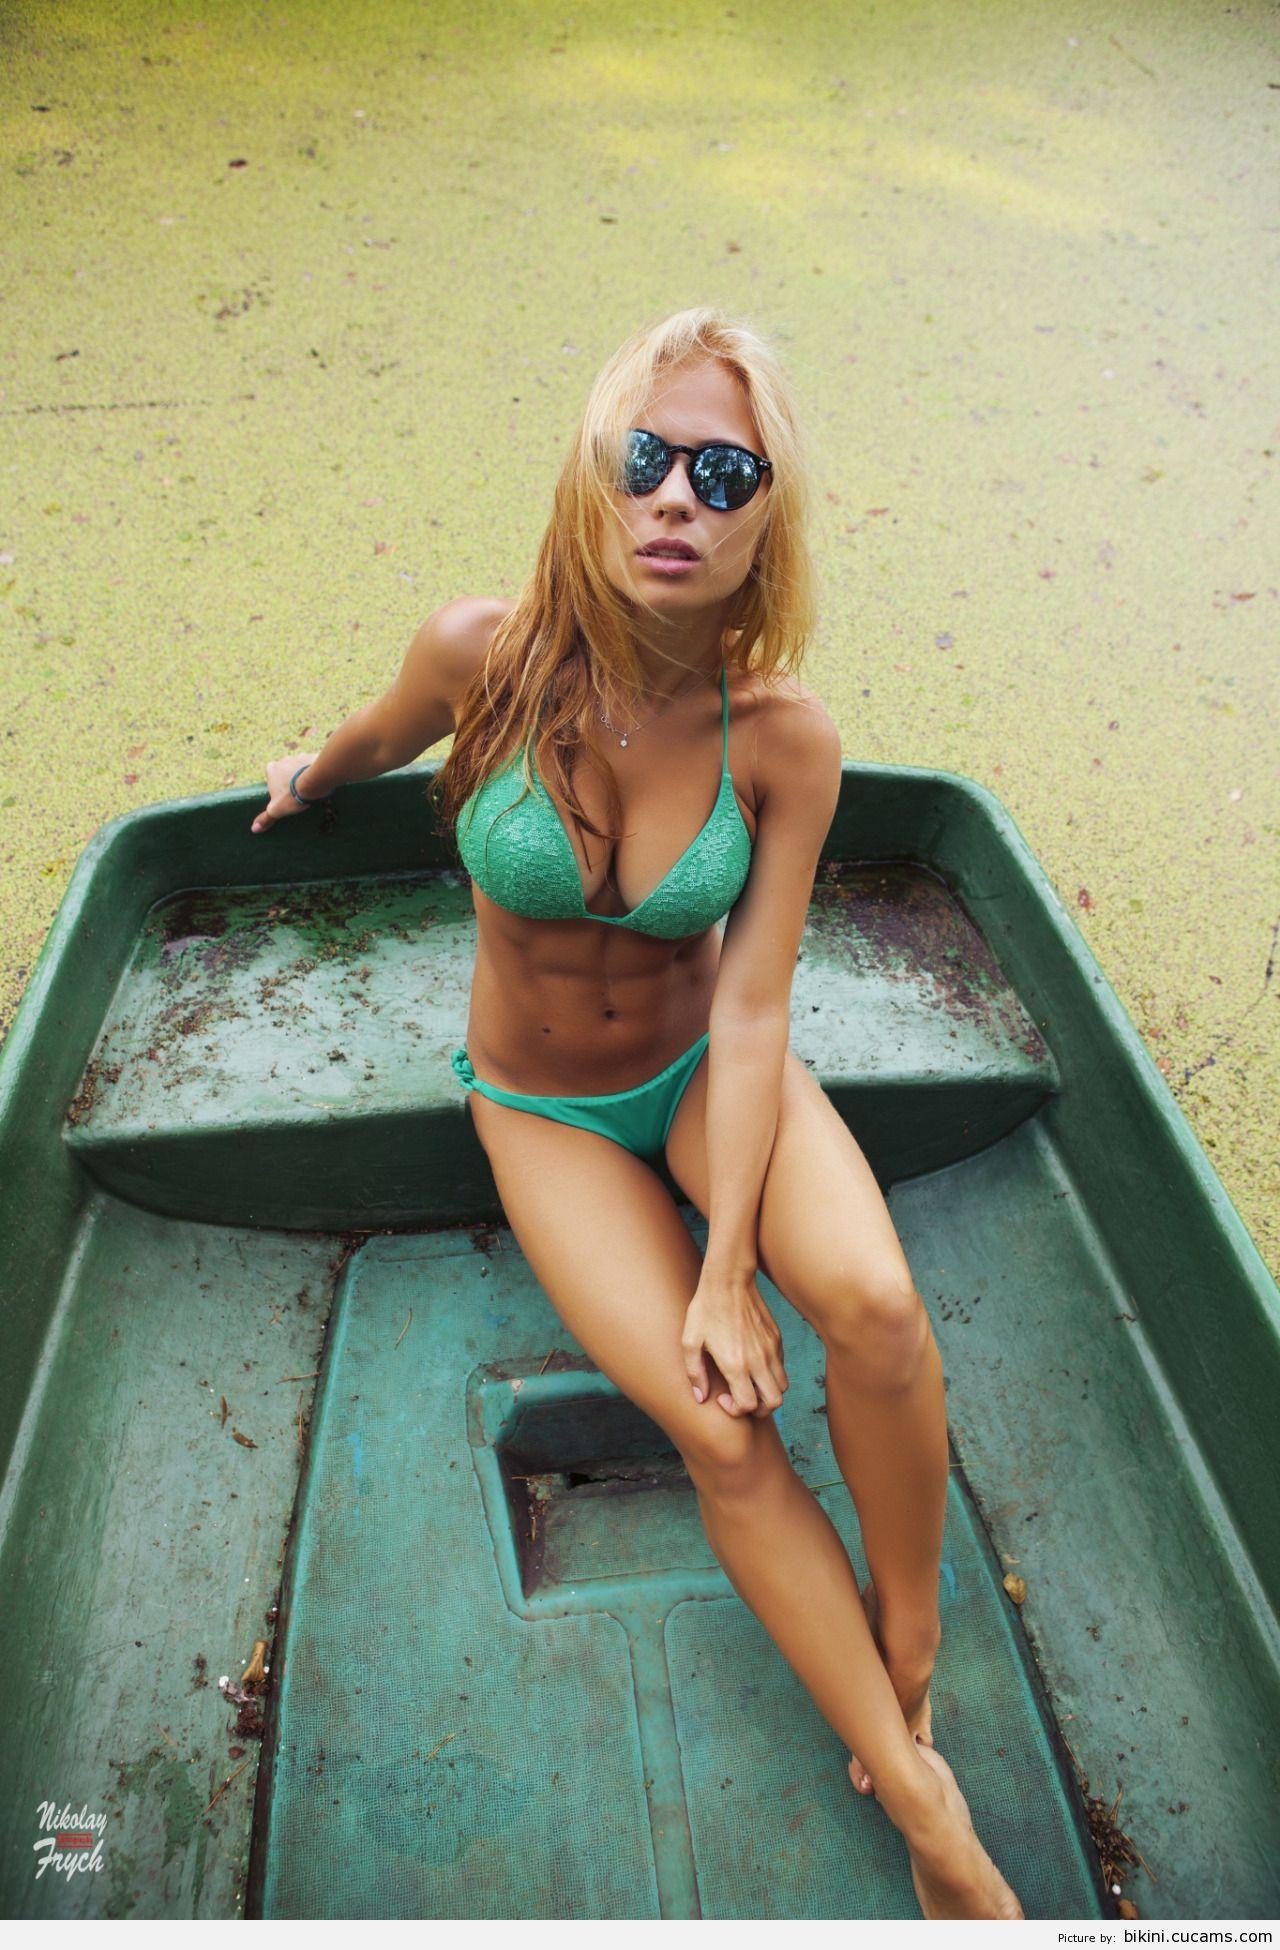 Bikini Wife Fetish by bikini.cucams.com